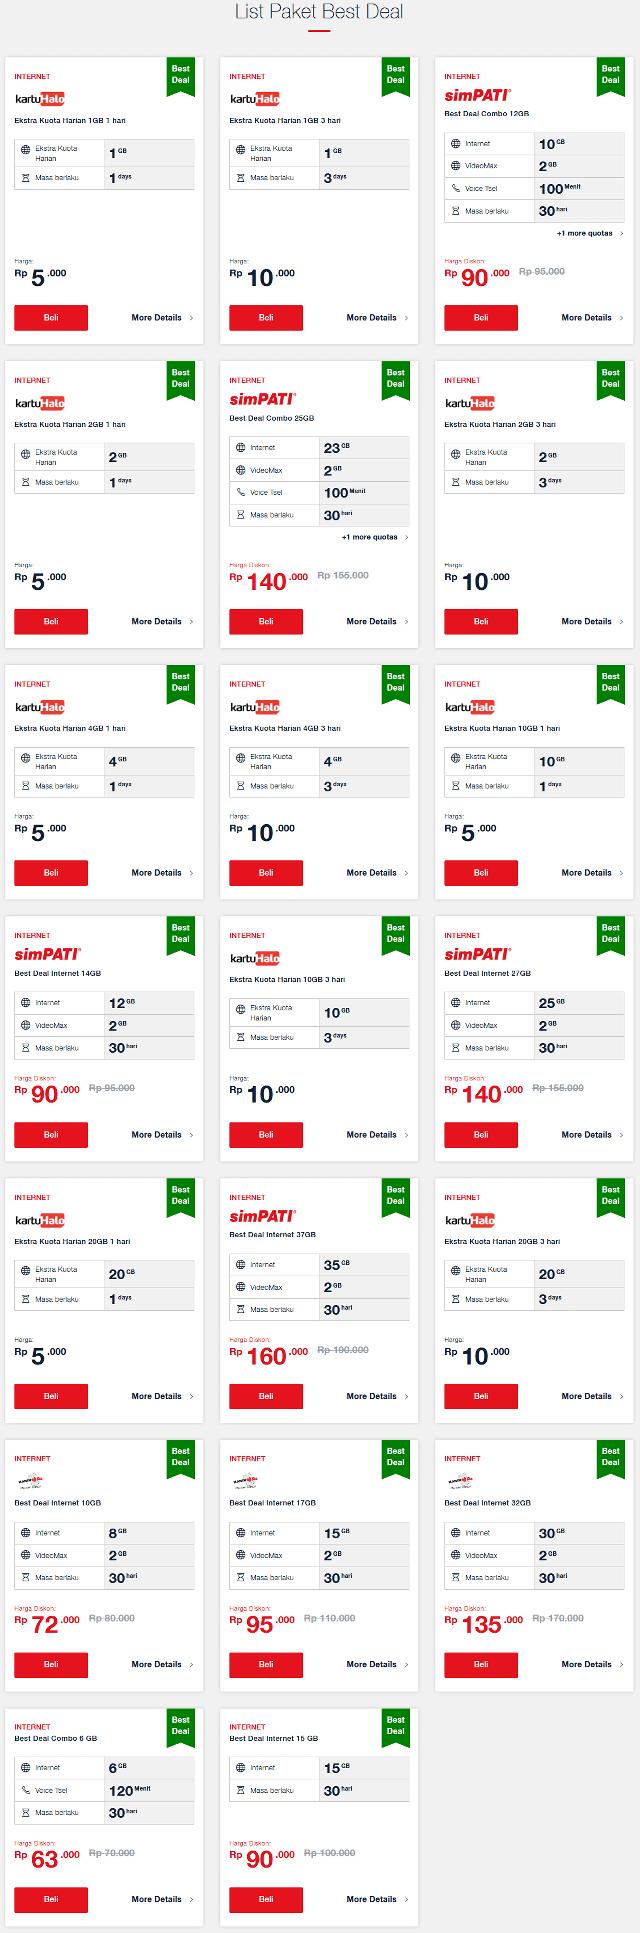 Harga Paket Pasti Best Deal Telkomsel Semua Jaringan